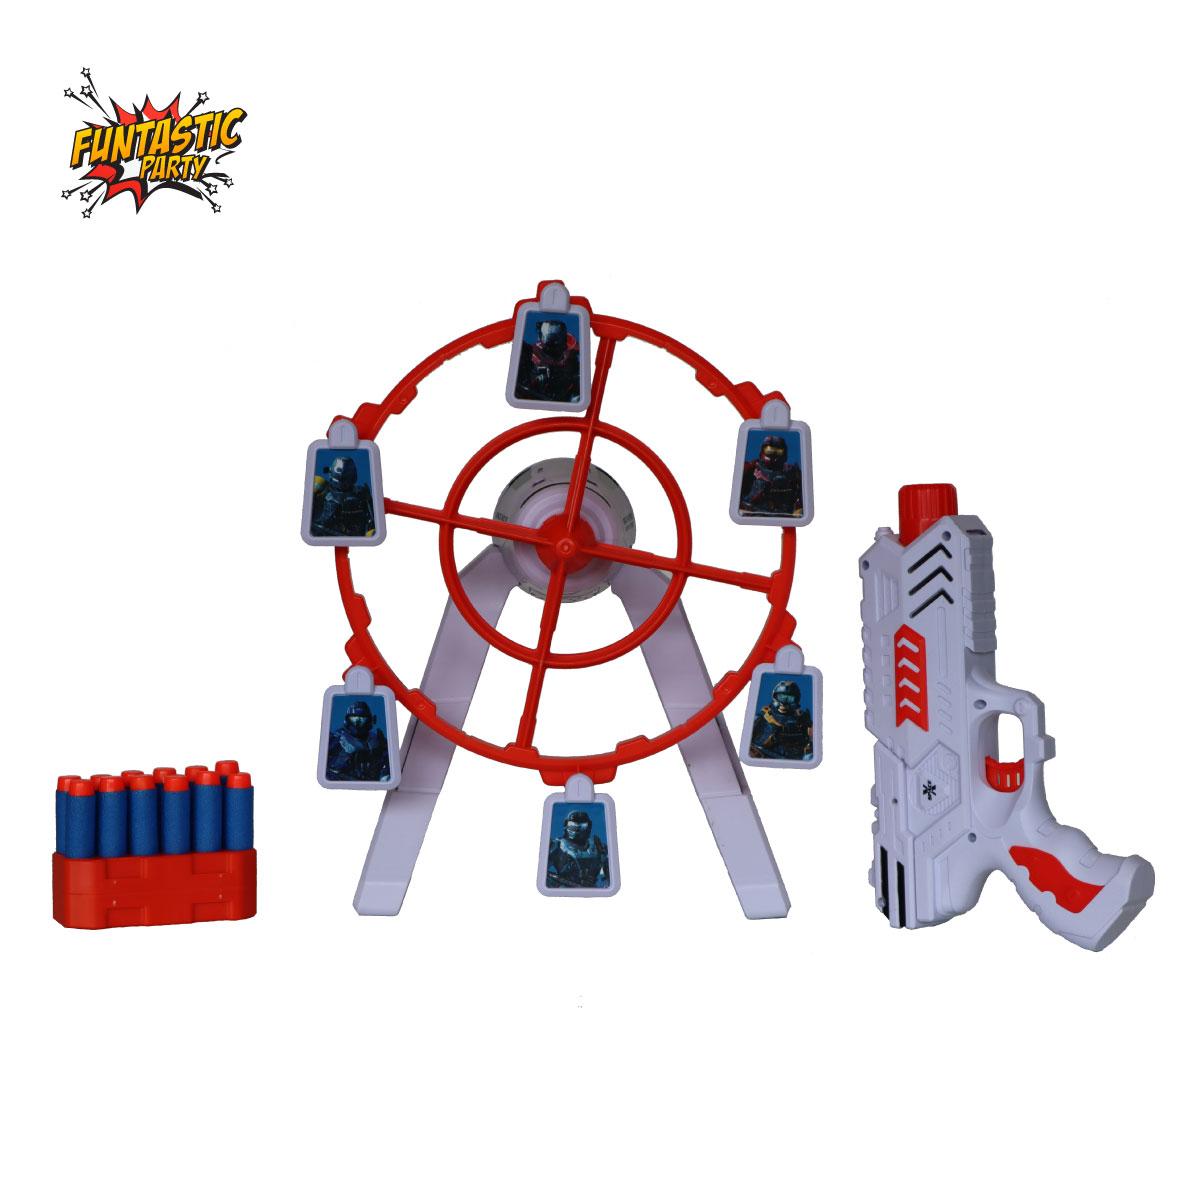 Pistol + Tinta Rotativa Funtastic Shooting